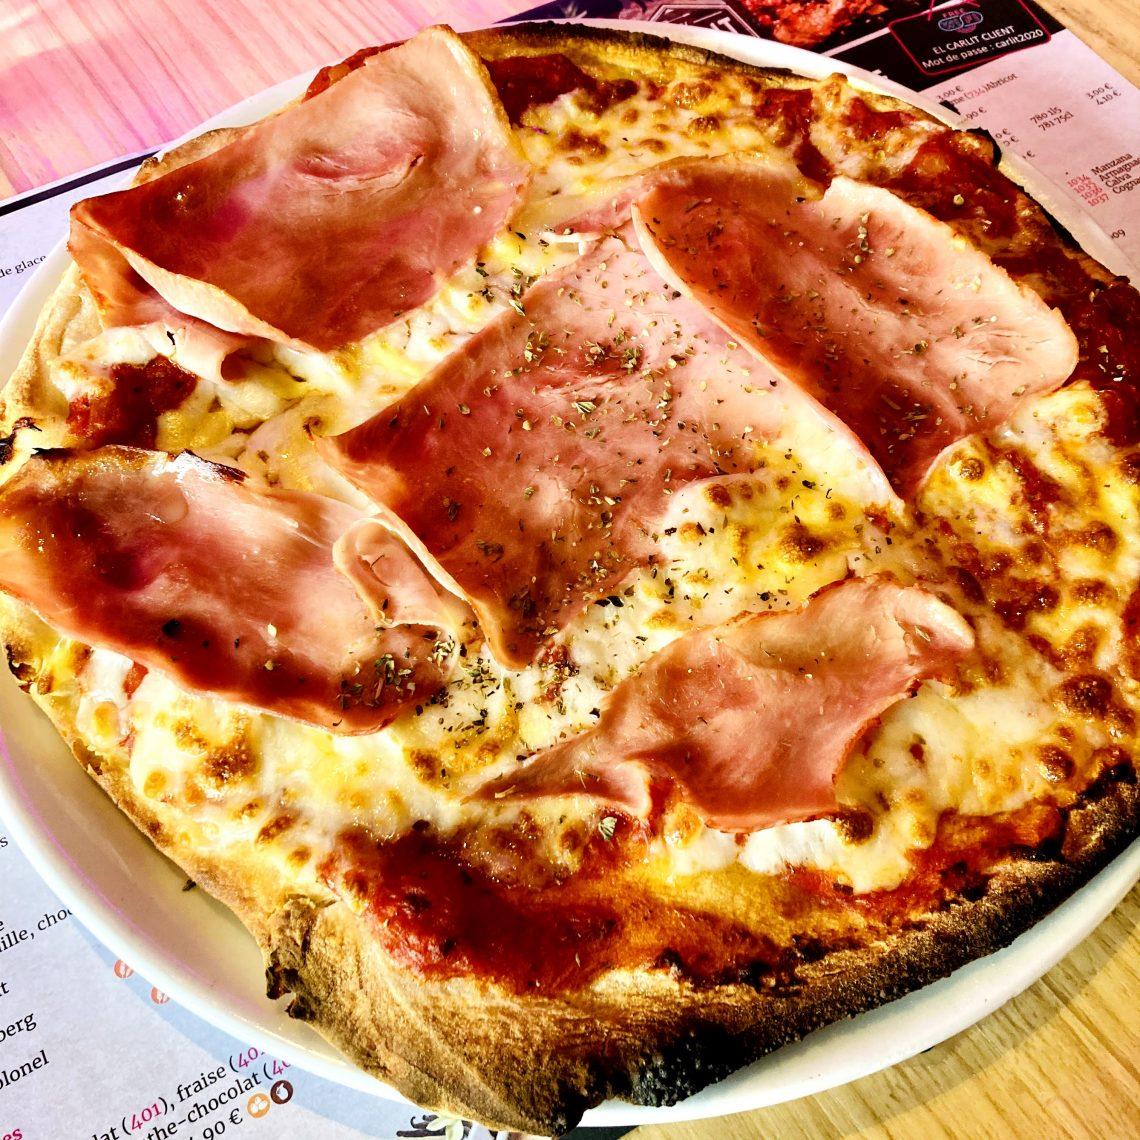 La pizza est une recette de cuisine traditionnelle de la cuisine italienne, originaire de Naples en Italie (cuisine napolitaine) à base de galette de pâte à pain, garnie de divers mélanges d'ingrédients (sauce tomate, tomates séchées, légumes, fromage, charcuterie, olives, huile d'olive…)